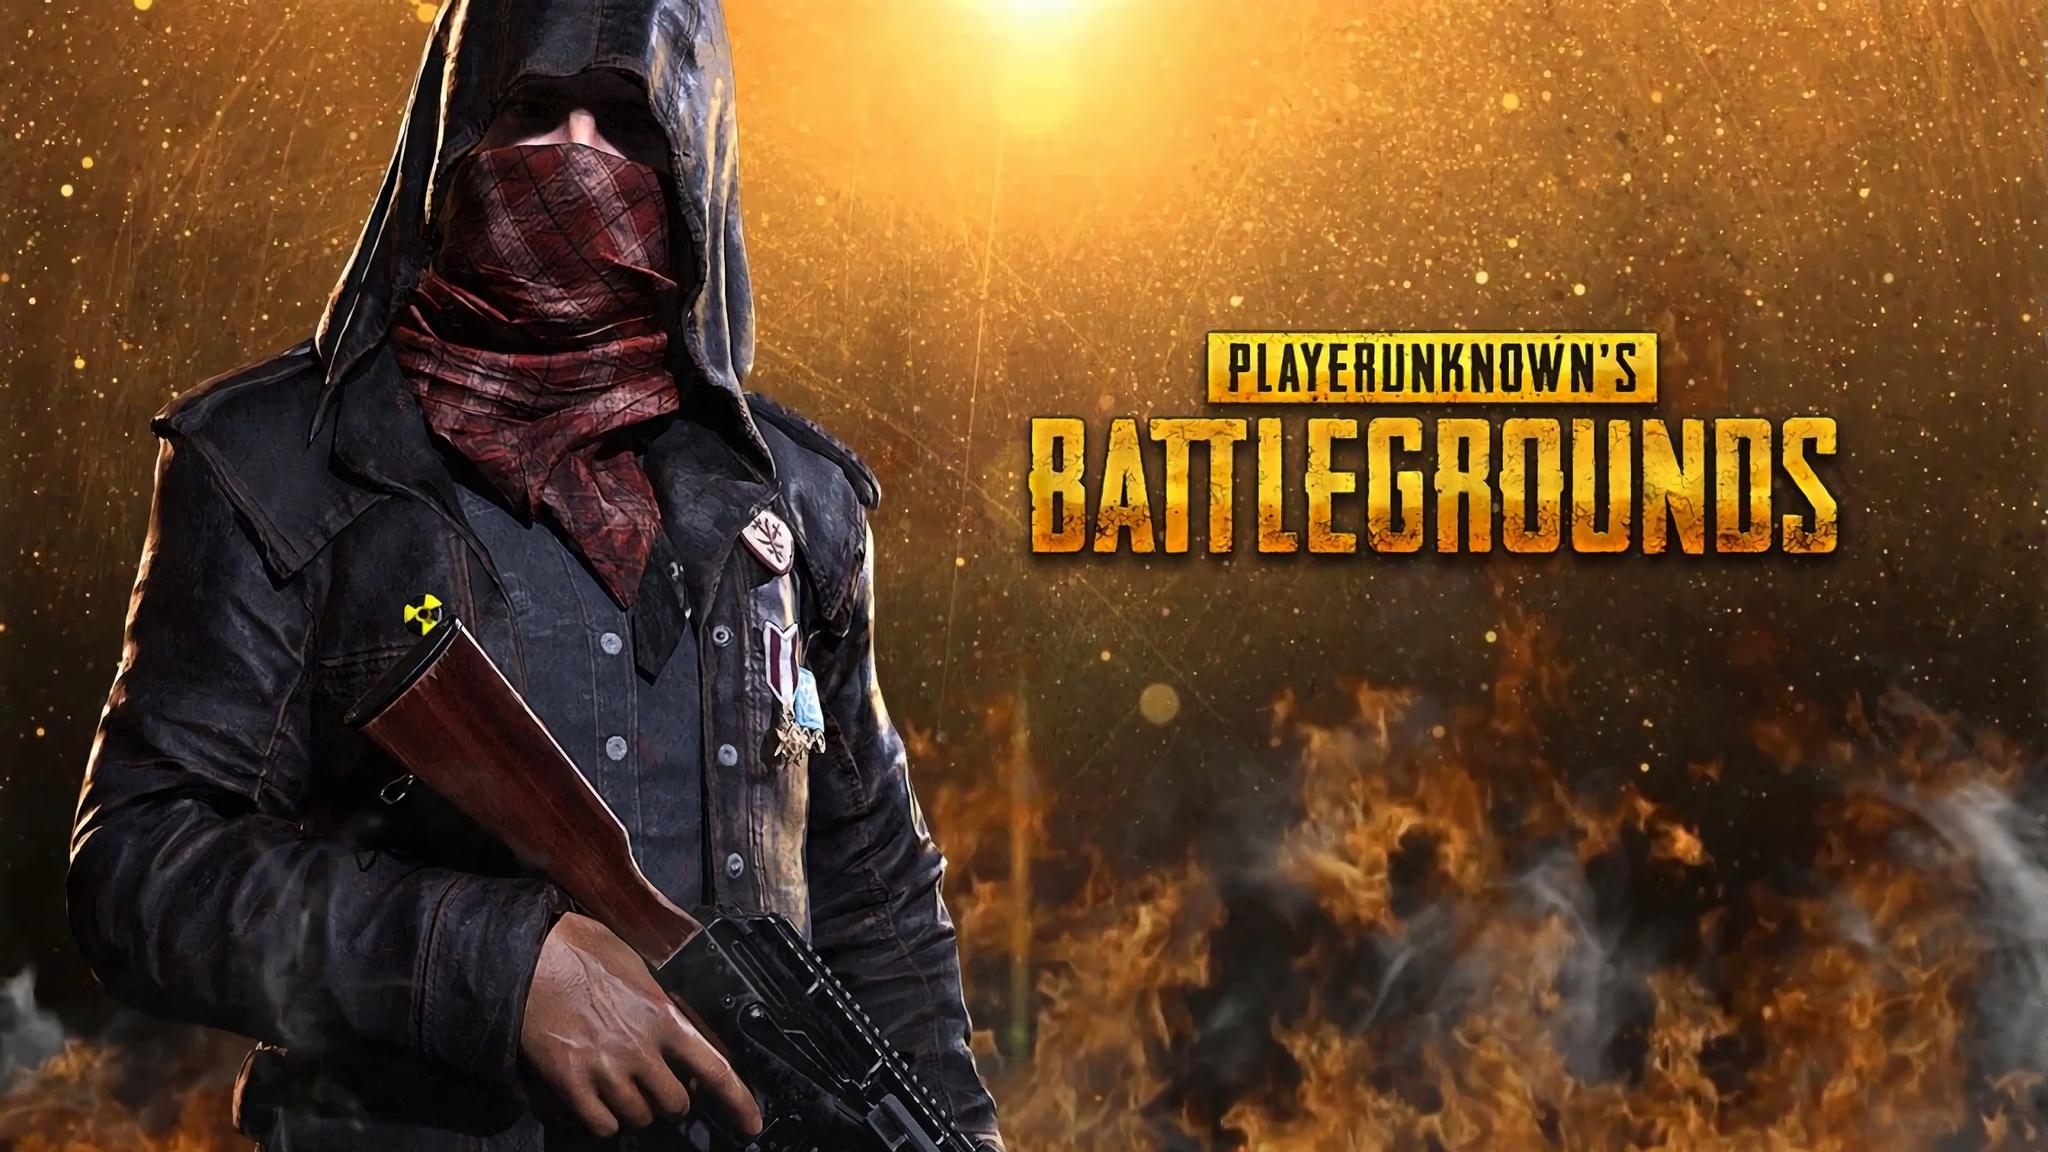 2048x1152 2018 4k Playerunknowns Battlegrounds 2048x1152